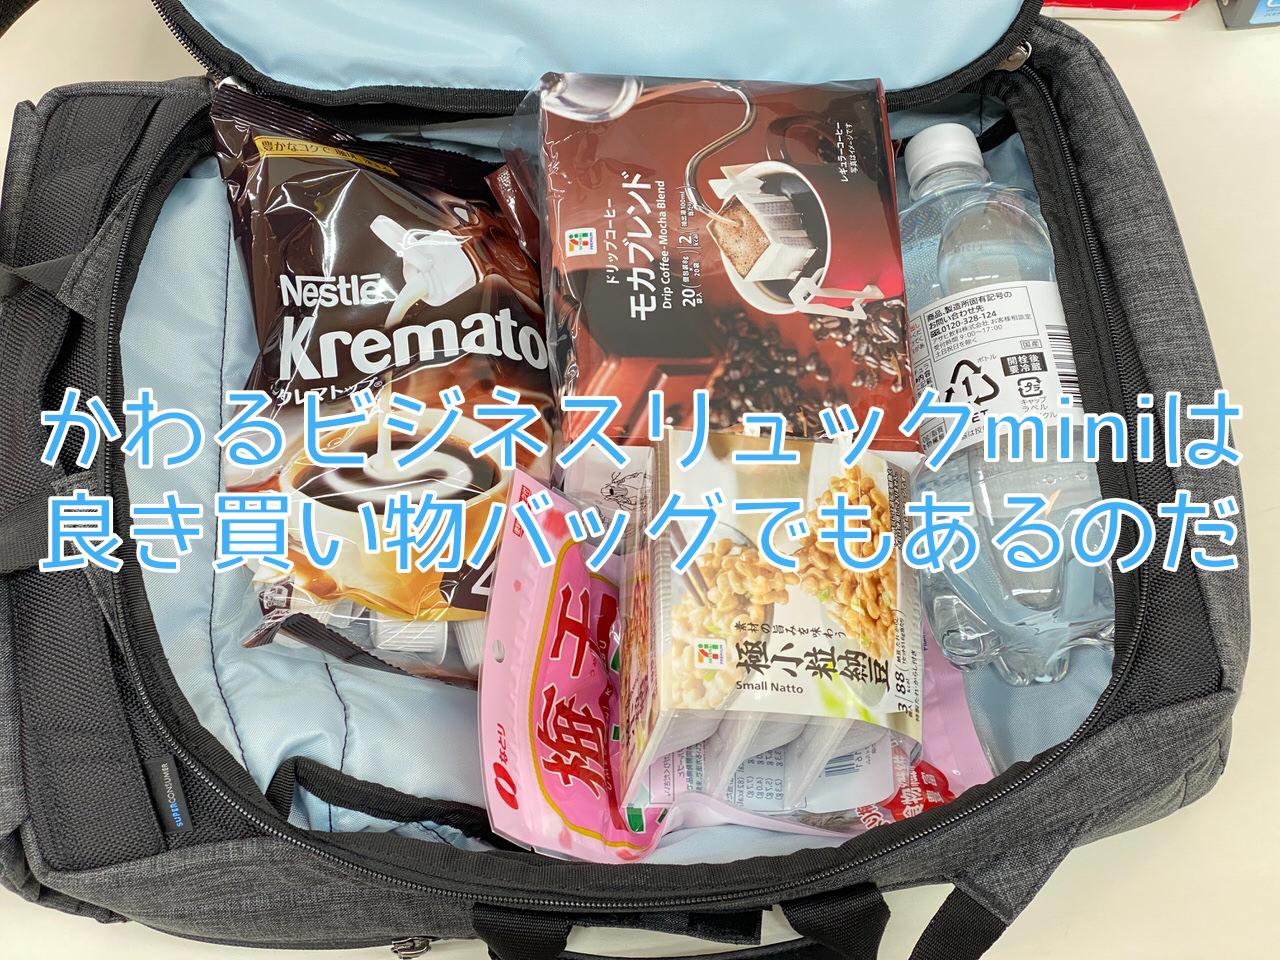 「かわるビジネスリュックmini」買い物バッグとしての普段遣いもけっこう良いのを説明します